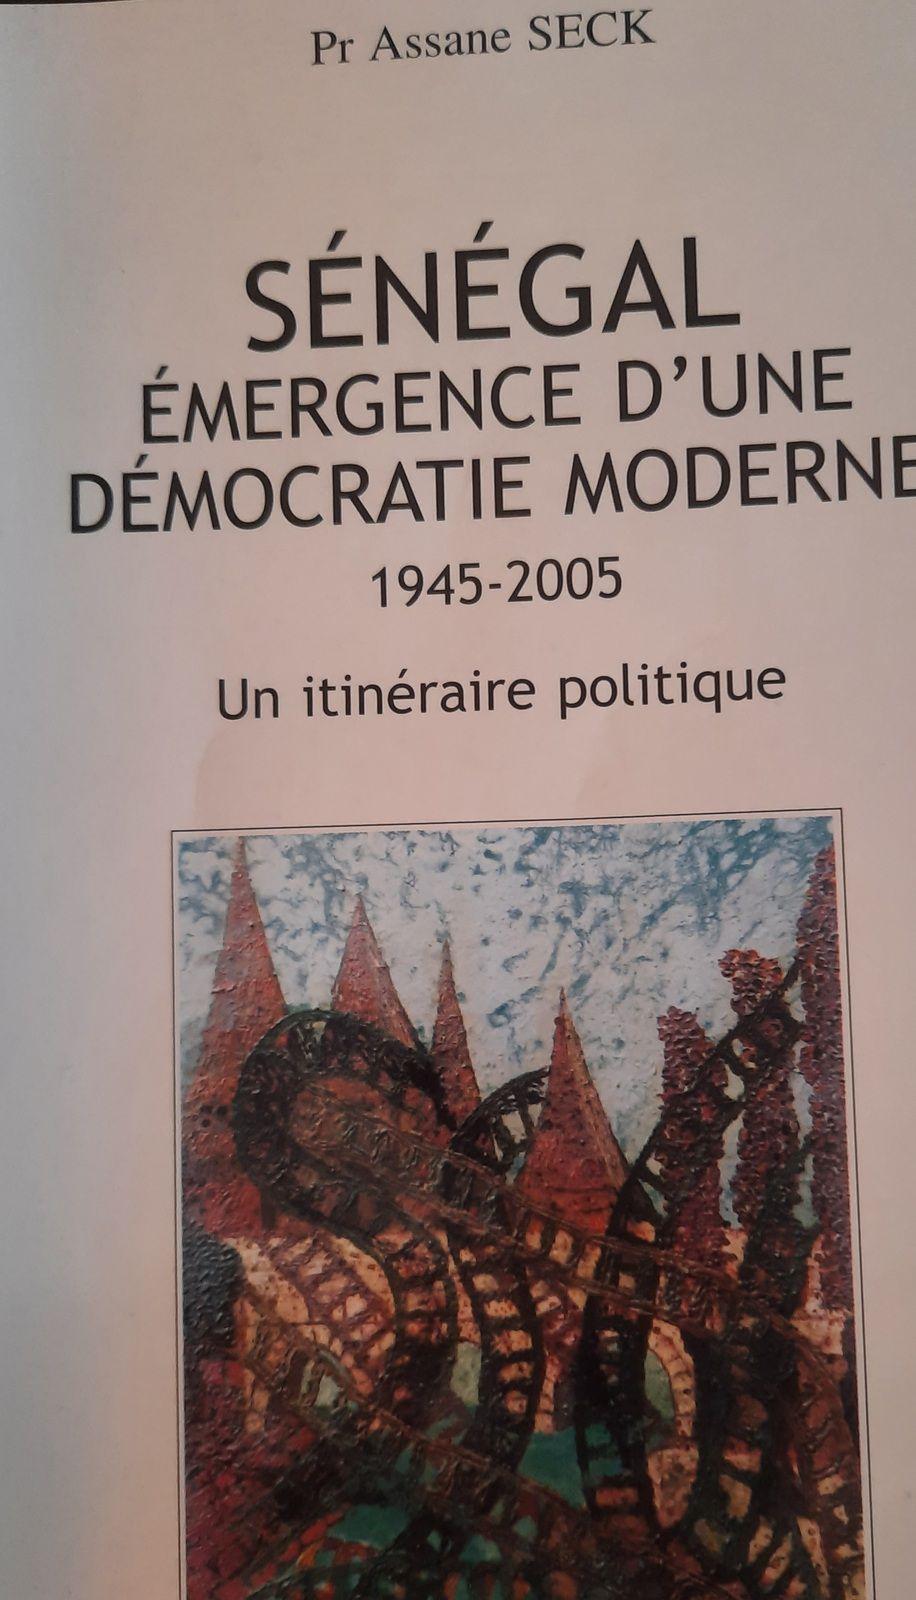 «Assane SECK (1919-2012), Universitaire, nationaliste, diplomate, homme d'Etat et de culture» par Amadou Bal BA - http://baamadou.over-blog.fr/